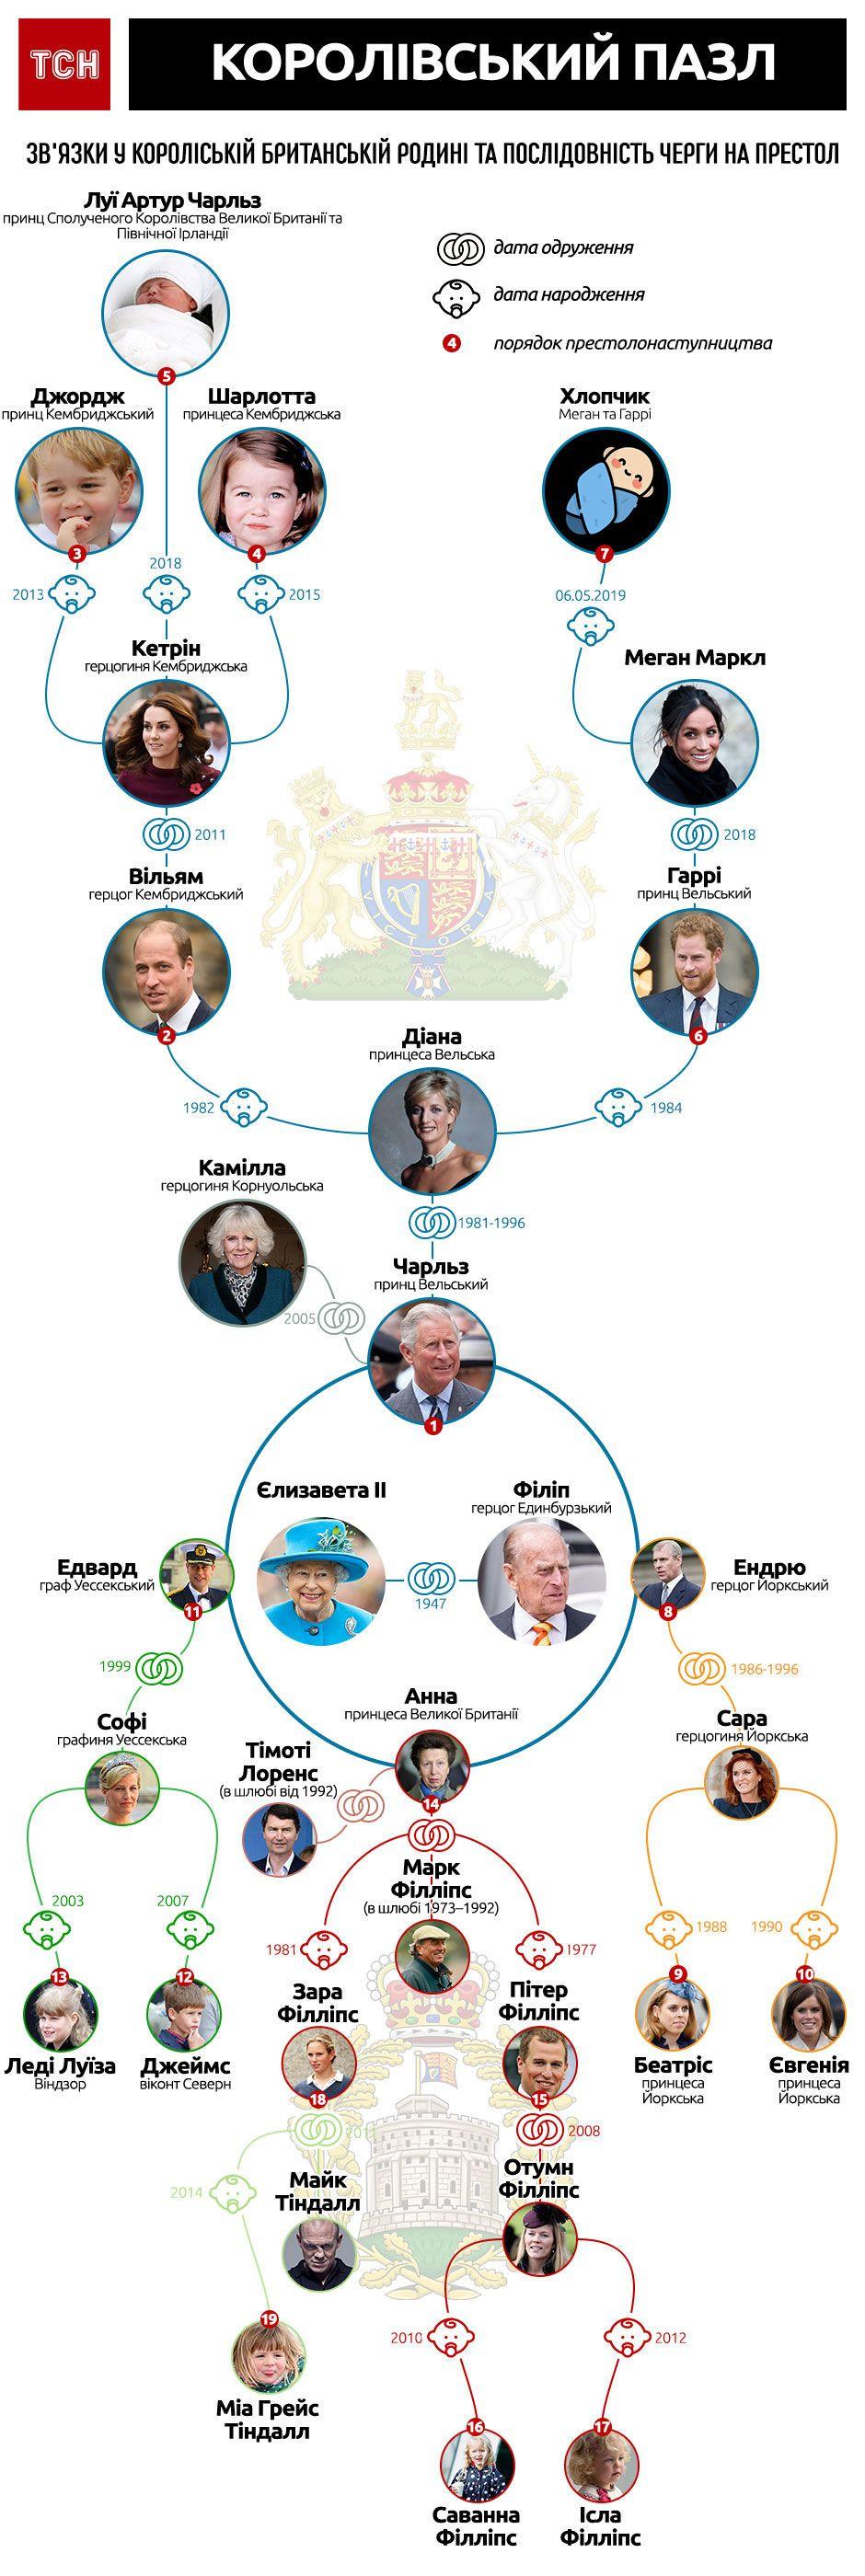 Черга на престол Британії, Інфографіка